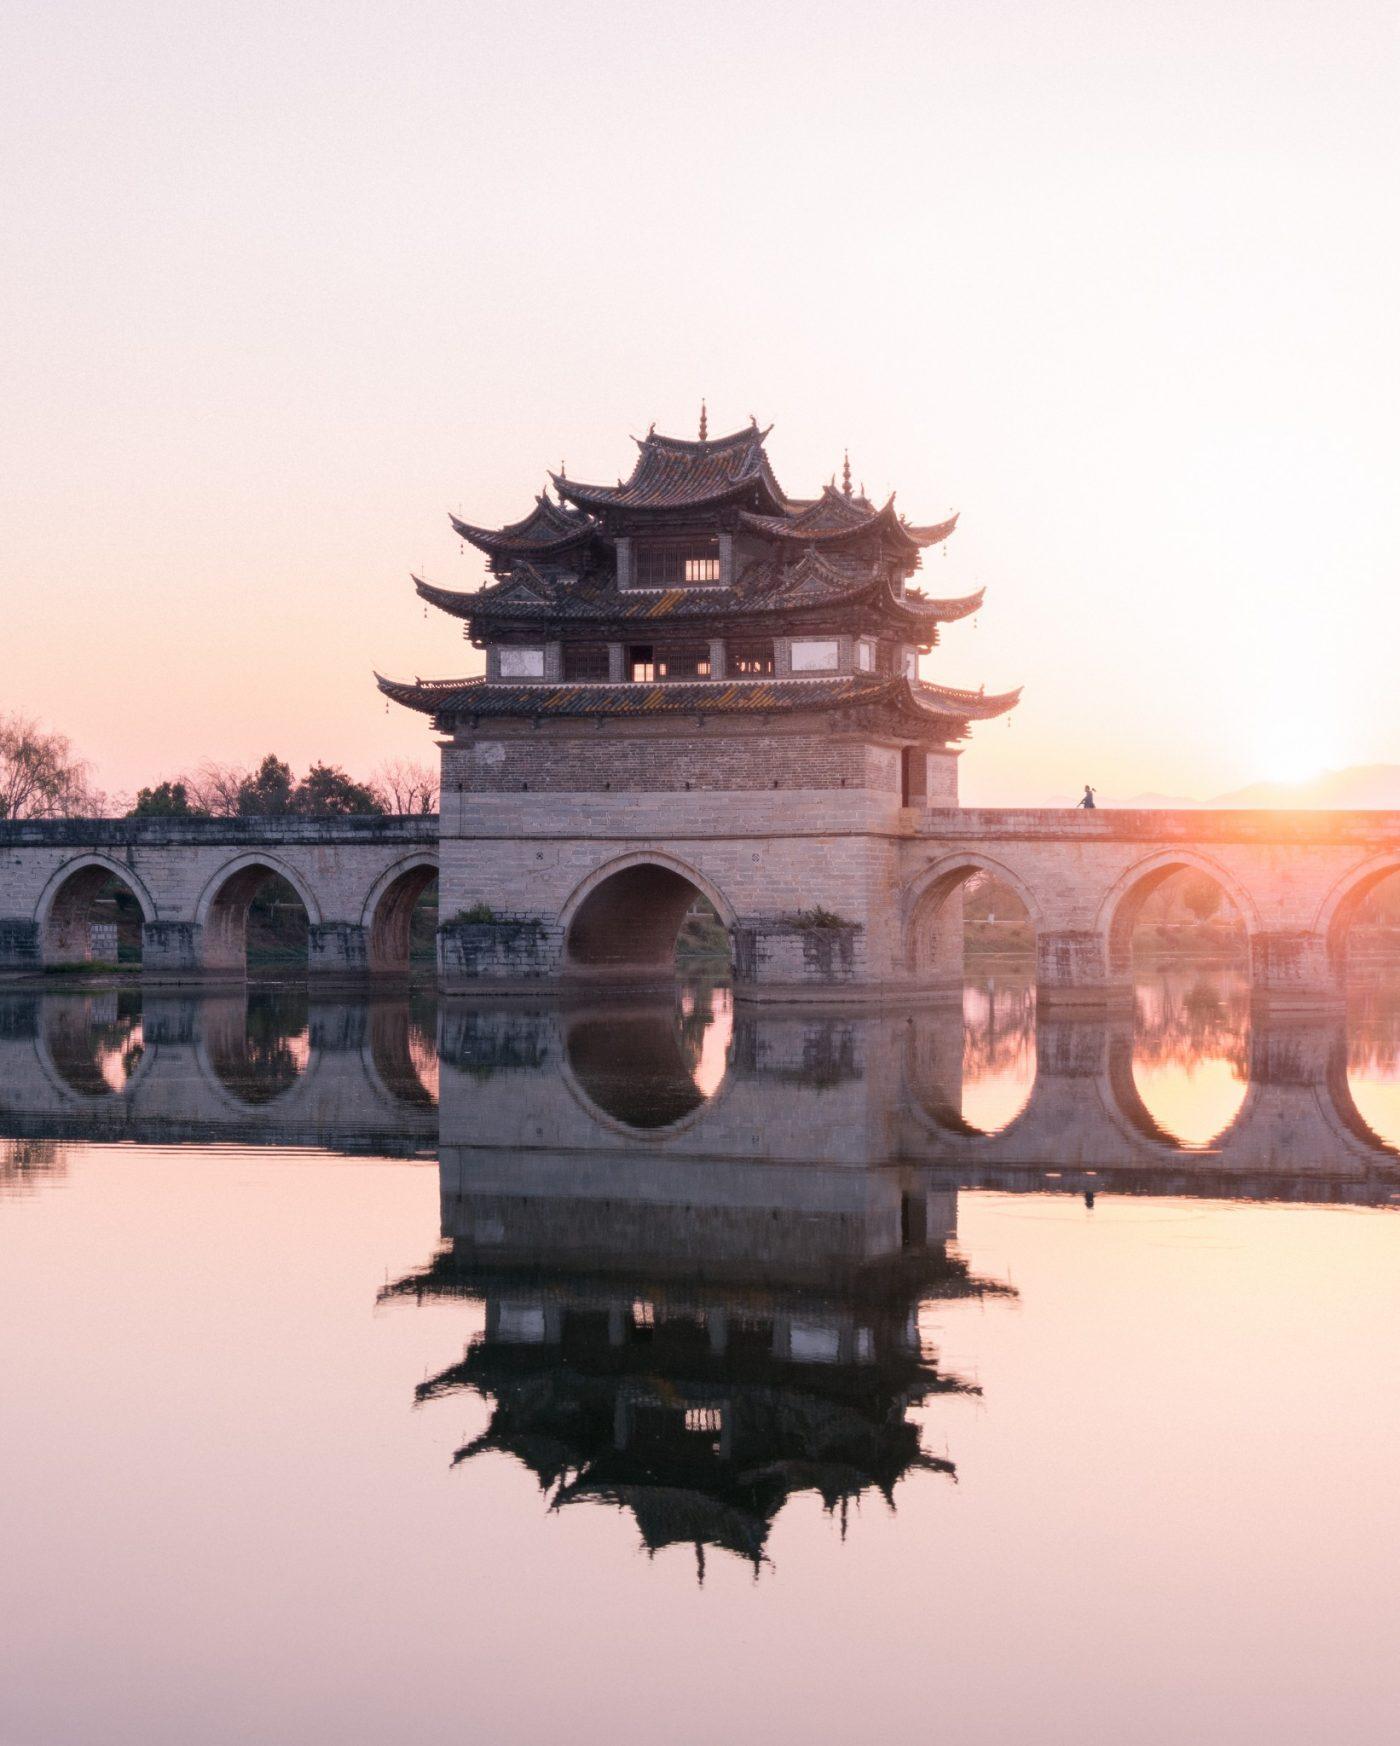 Ein Paar auf Reisen in Asien - Chopsticks on the Loose